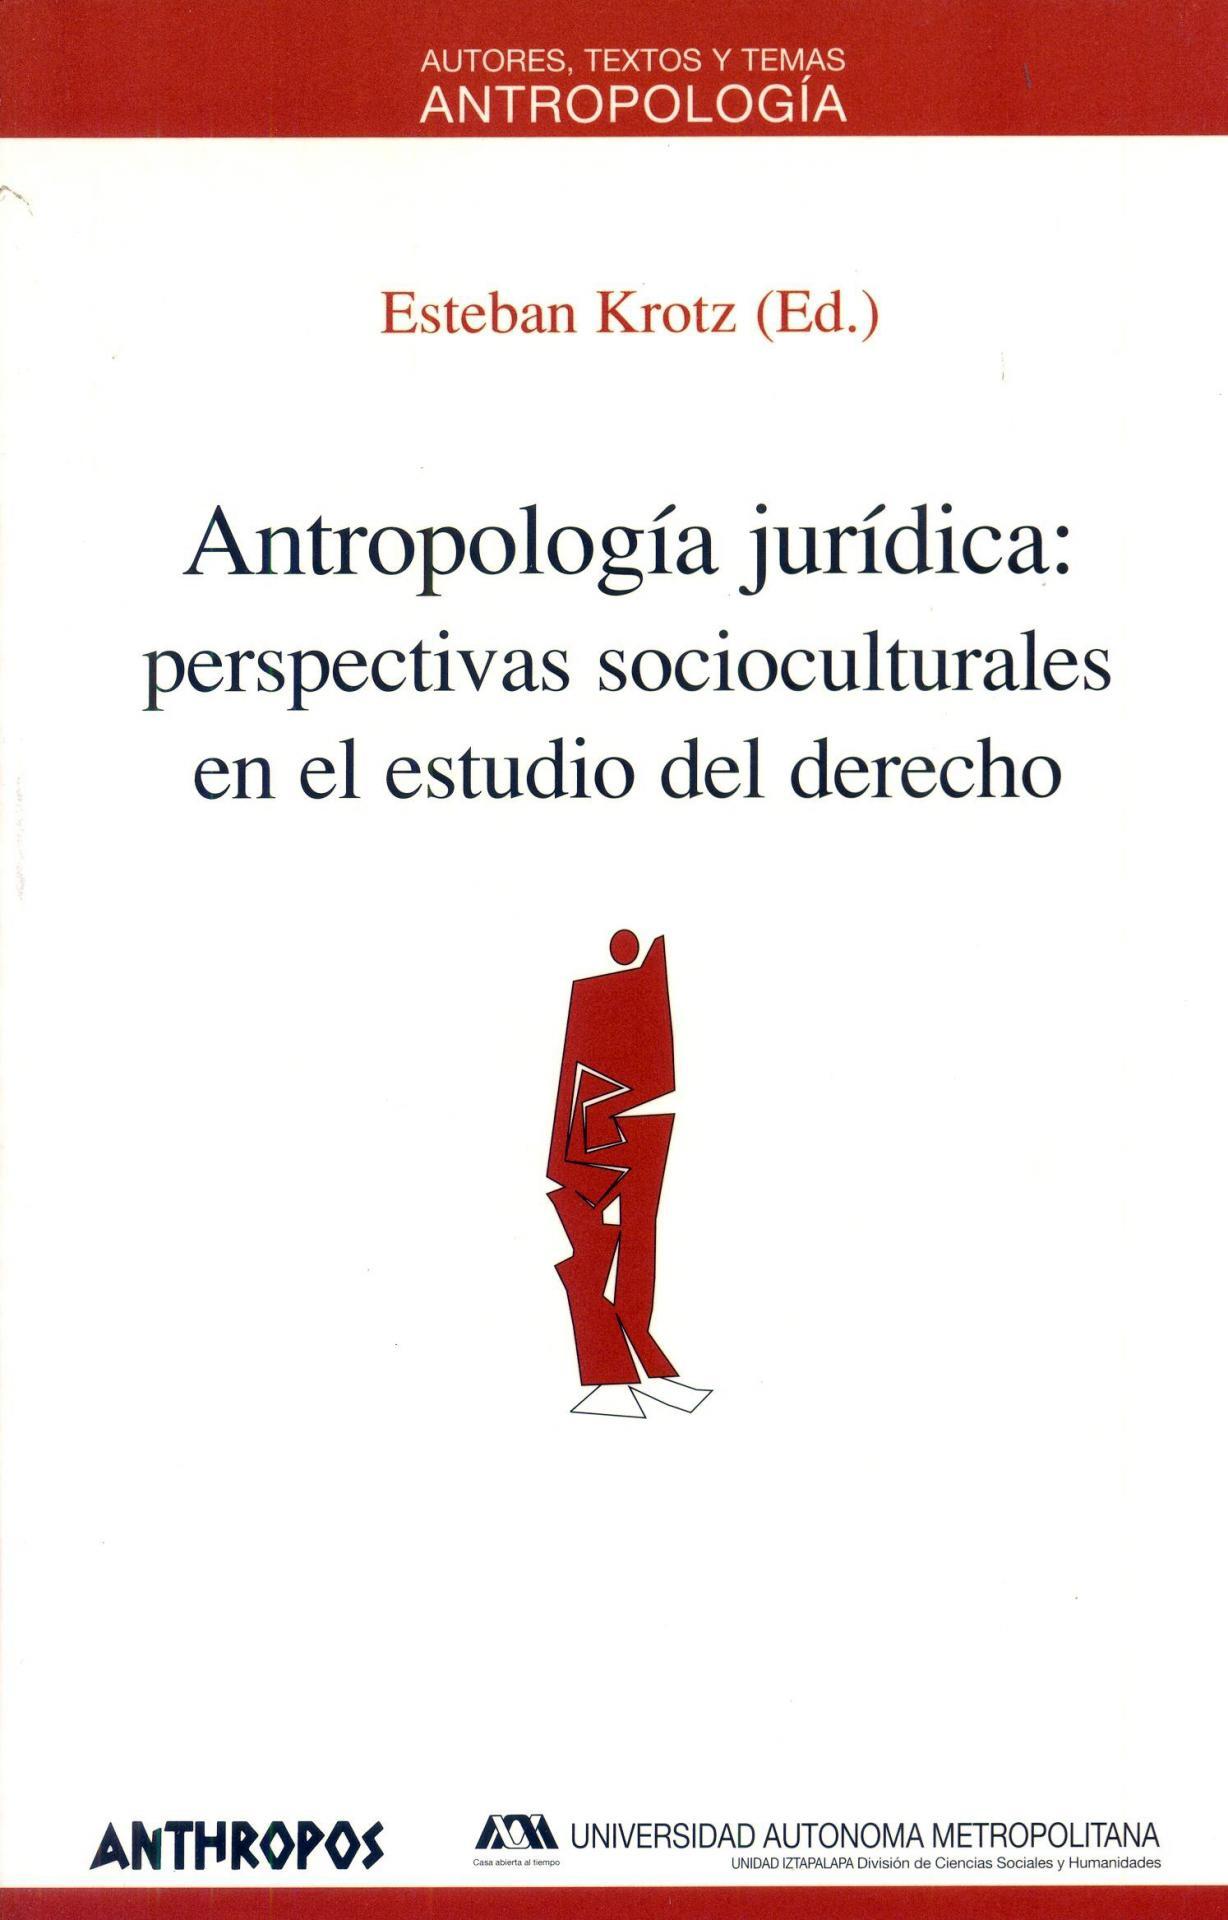 ANTROPOLOGÍA JURÍDICA: perspectivas socioculturales en el estudio del derecho. Krotz, E.